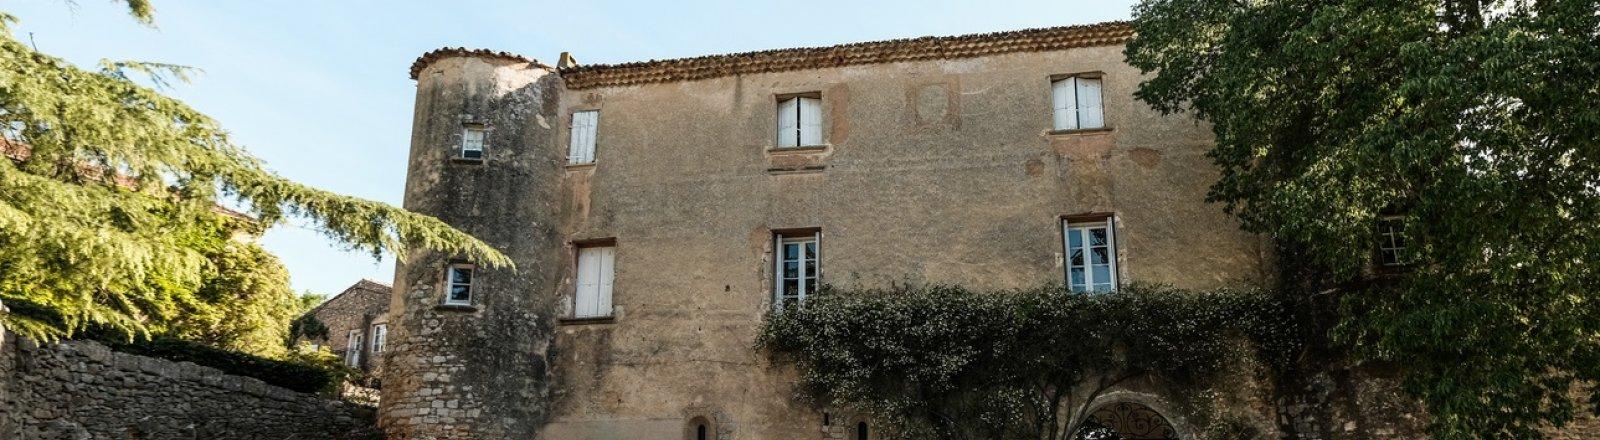 le Château Bas d'Aumelas © Laurent Piccolillo Studio LM